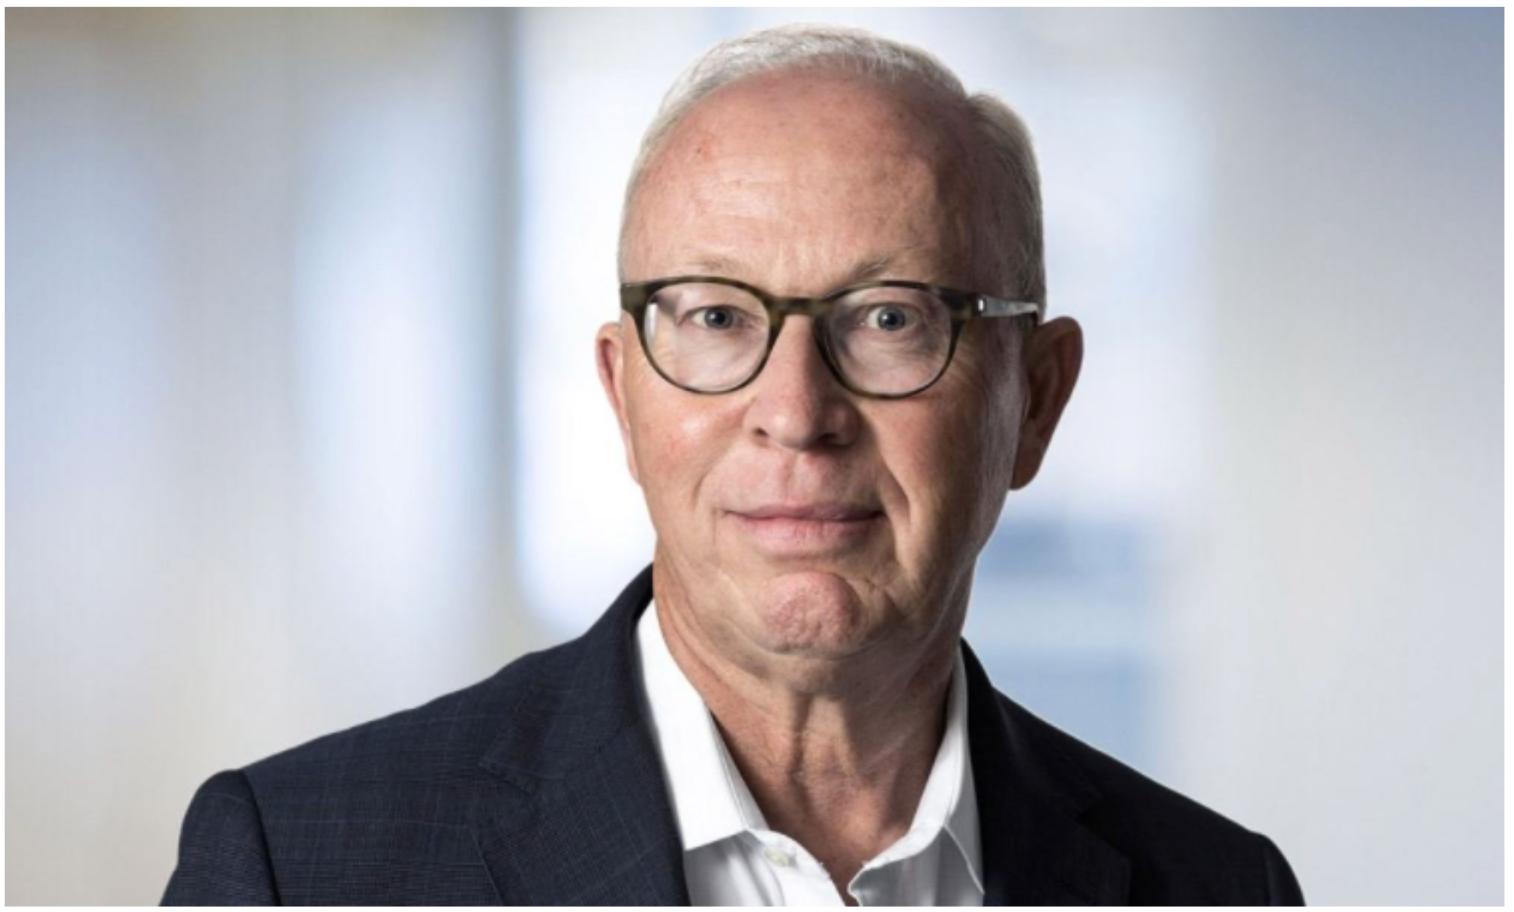 Attendos styrelseordförande Ulf Lundahl var med och fattade beslutet om miljonbonusarna.